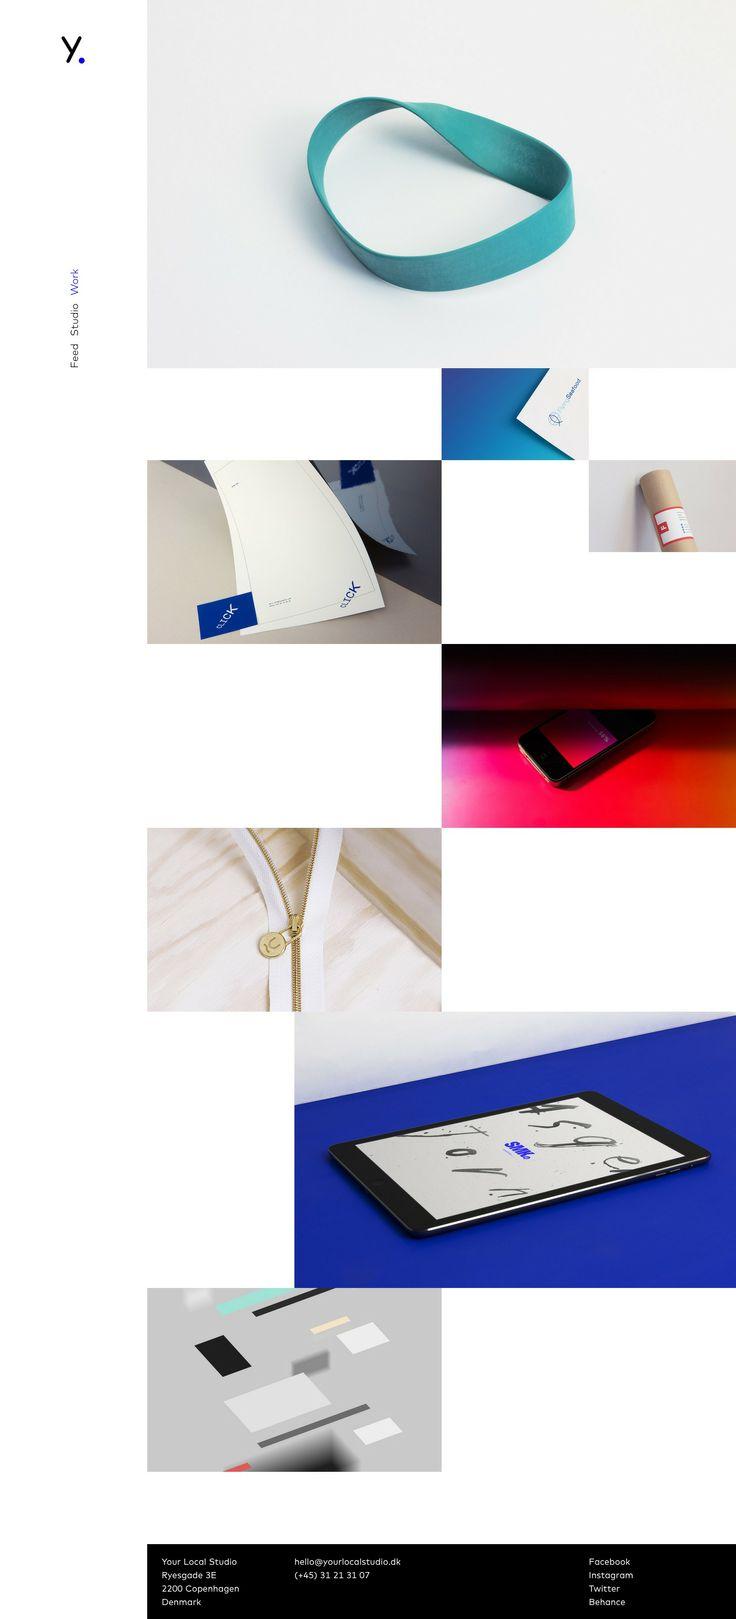 Your Local Studio \\ Clean with nice grid. http://yourlocalstudio.dk